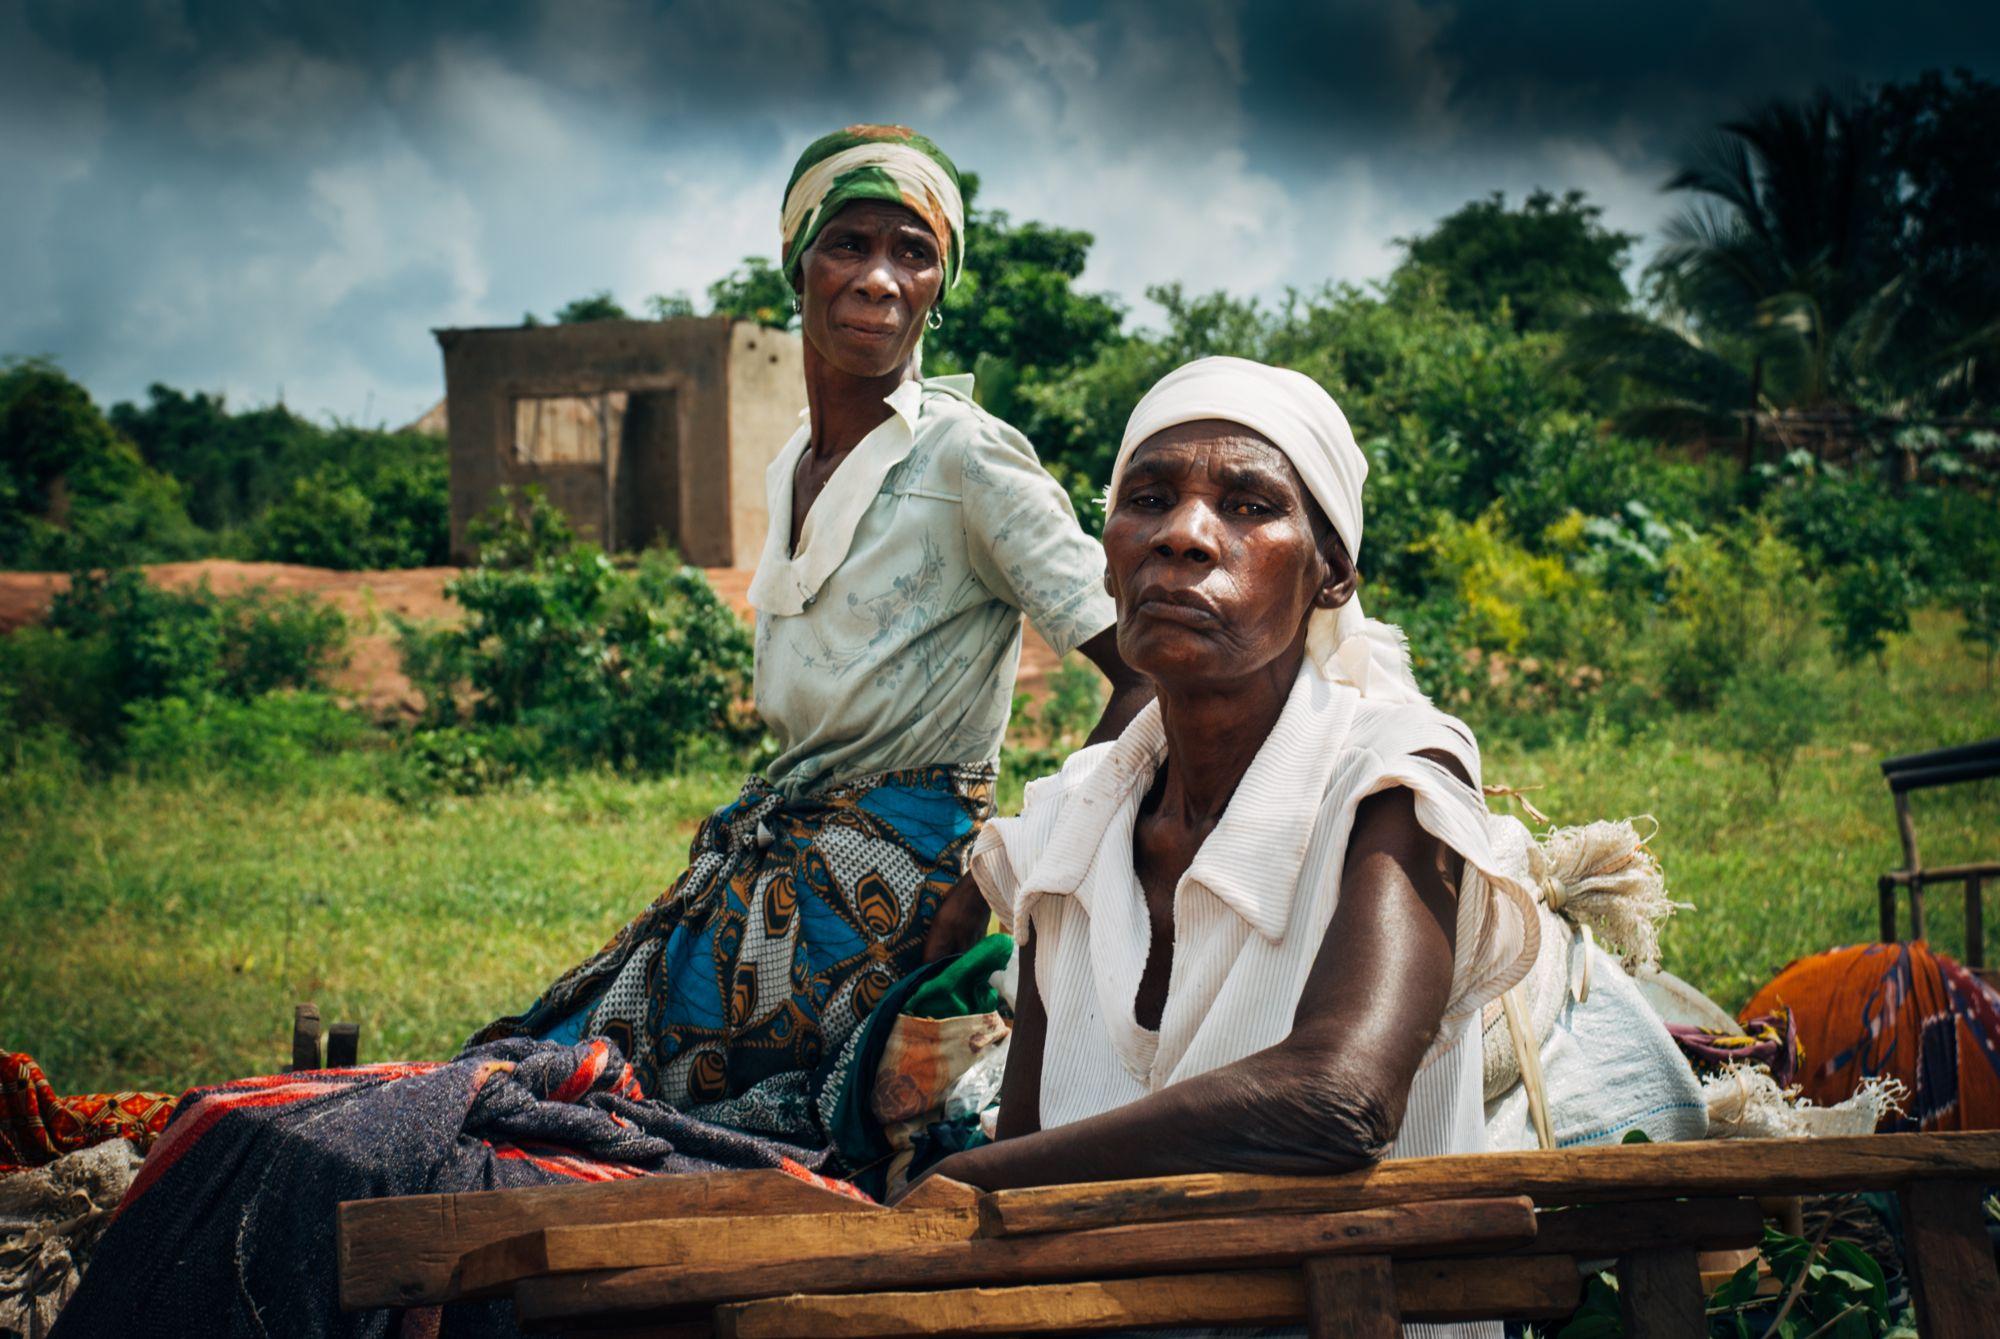 I Mozambique er det ofte bestemødre som forsørger store barneflokker. Foreldregenrasjonen er rammet av AiDS. Denne damen hadde 13 foreldreløse barn og forsørge.